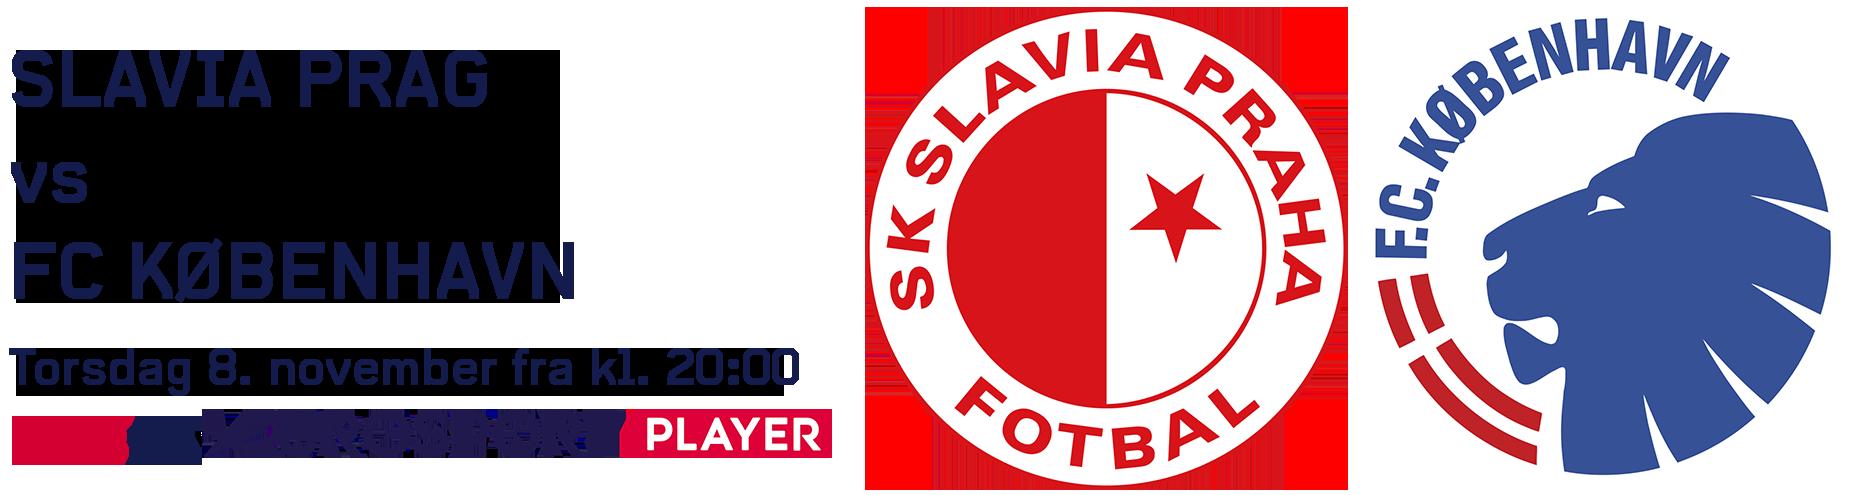 Slavia Prag - FC København